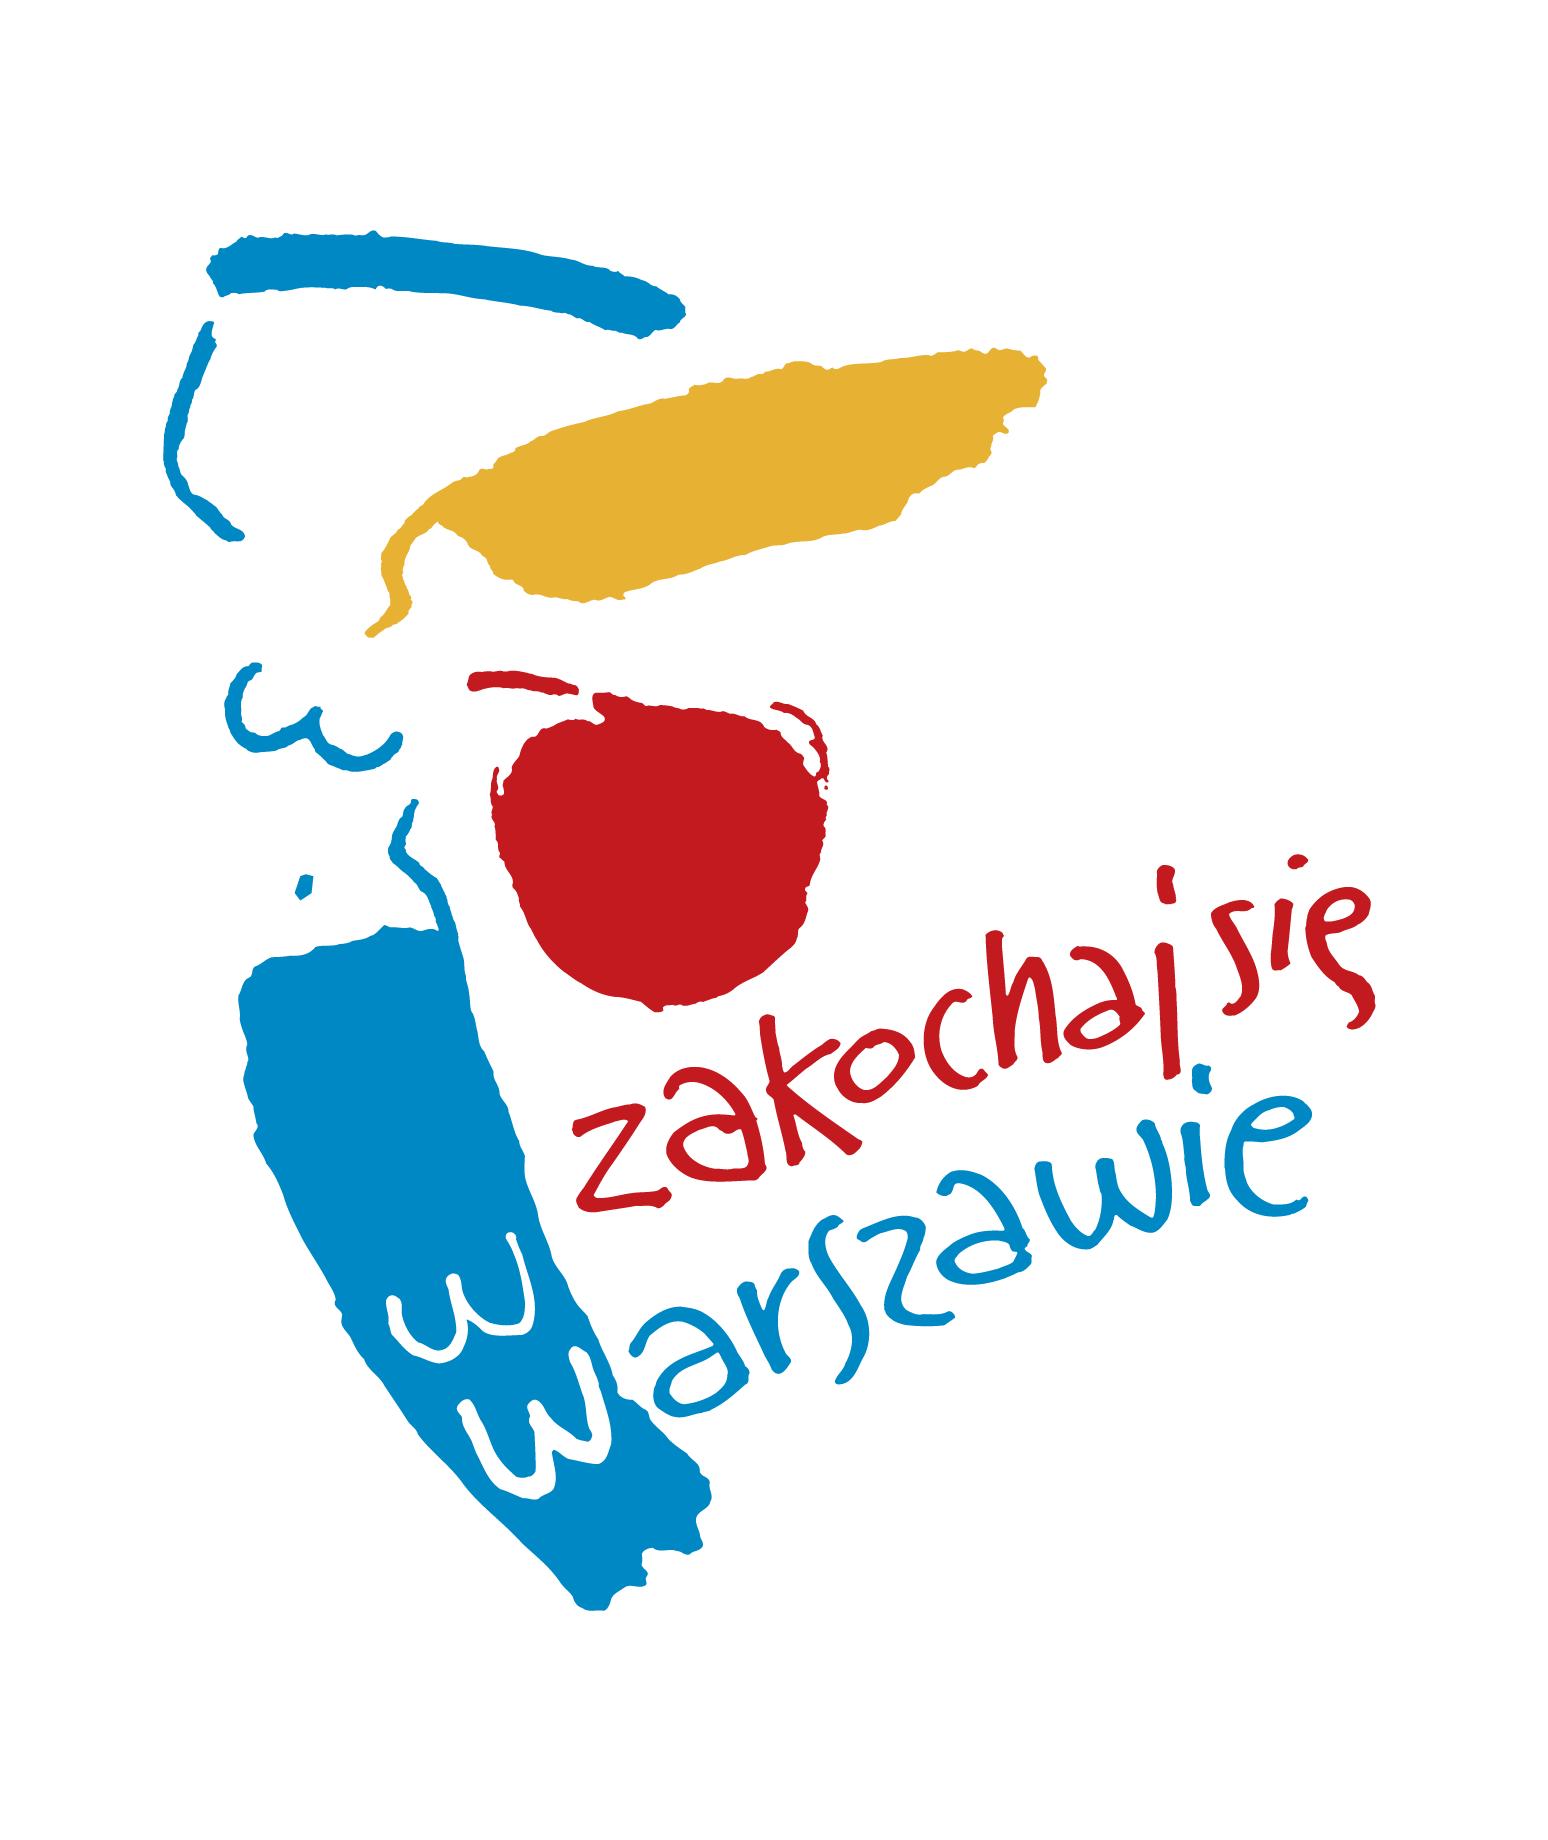 logo Warszawy